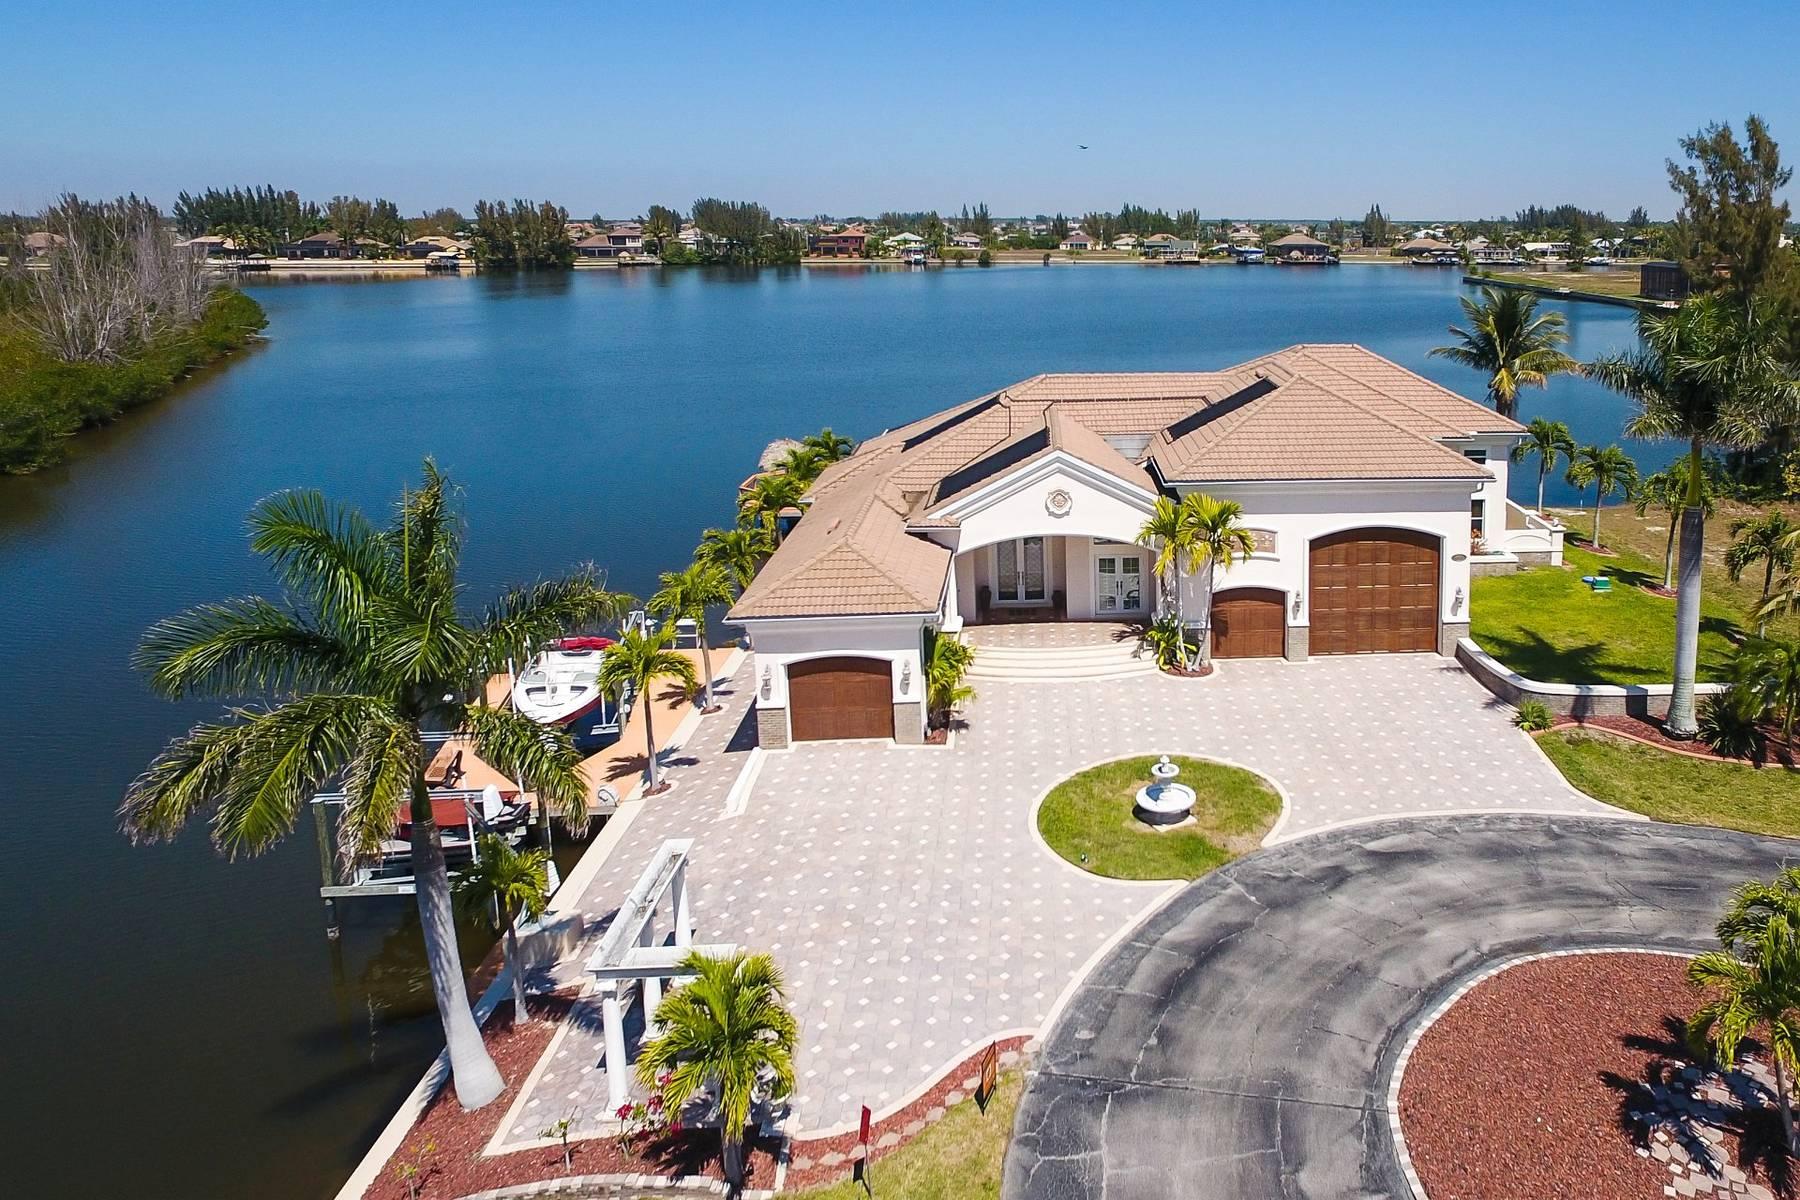 Außenküche Mit Xl : Villa cape coral 13001 u2013 große villa auf kanal eckgrundstück mit